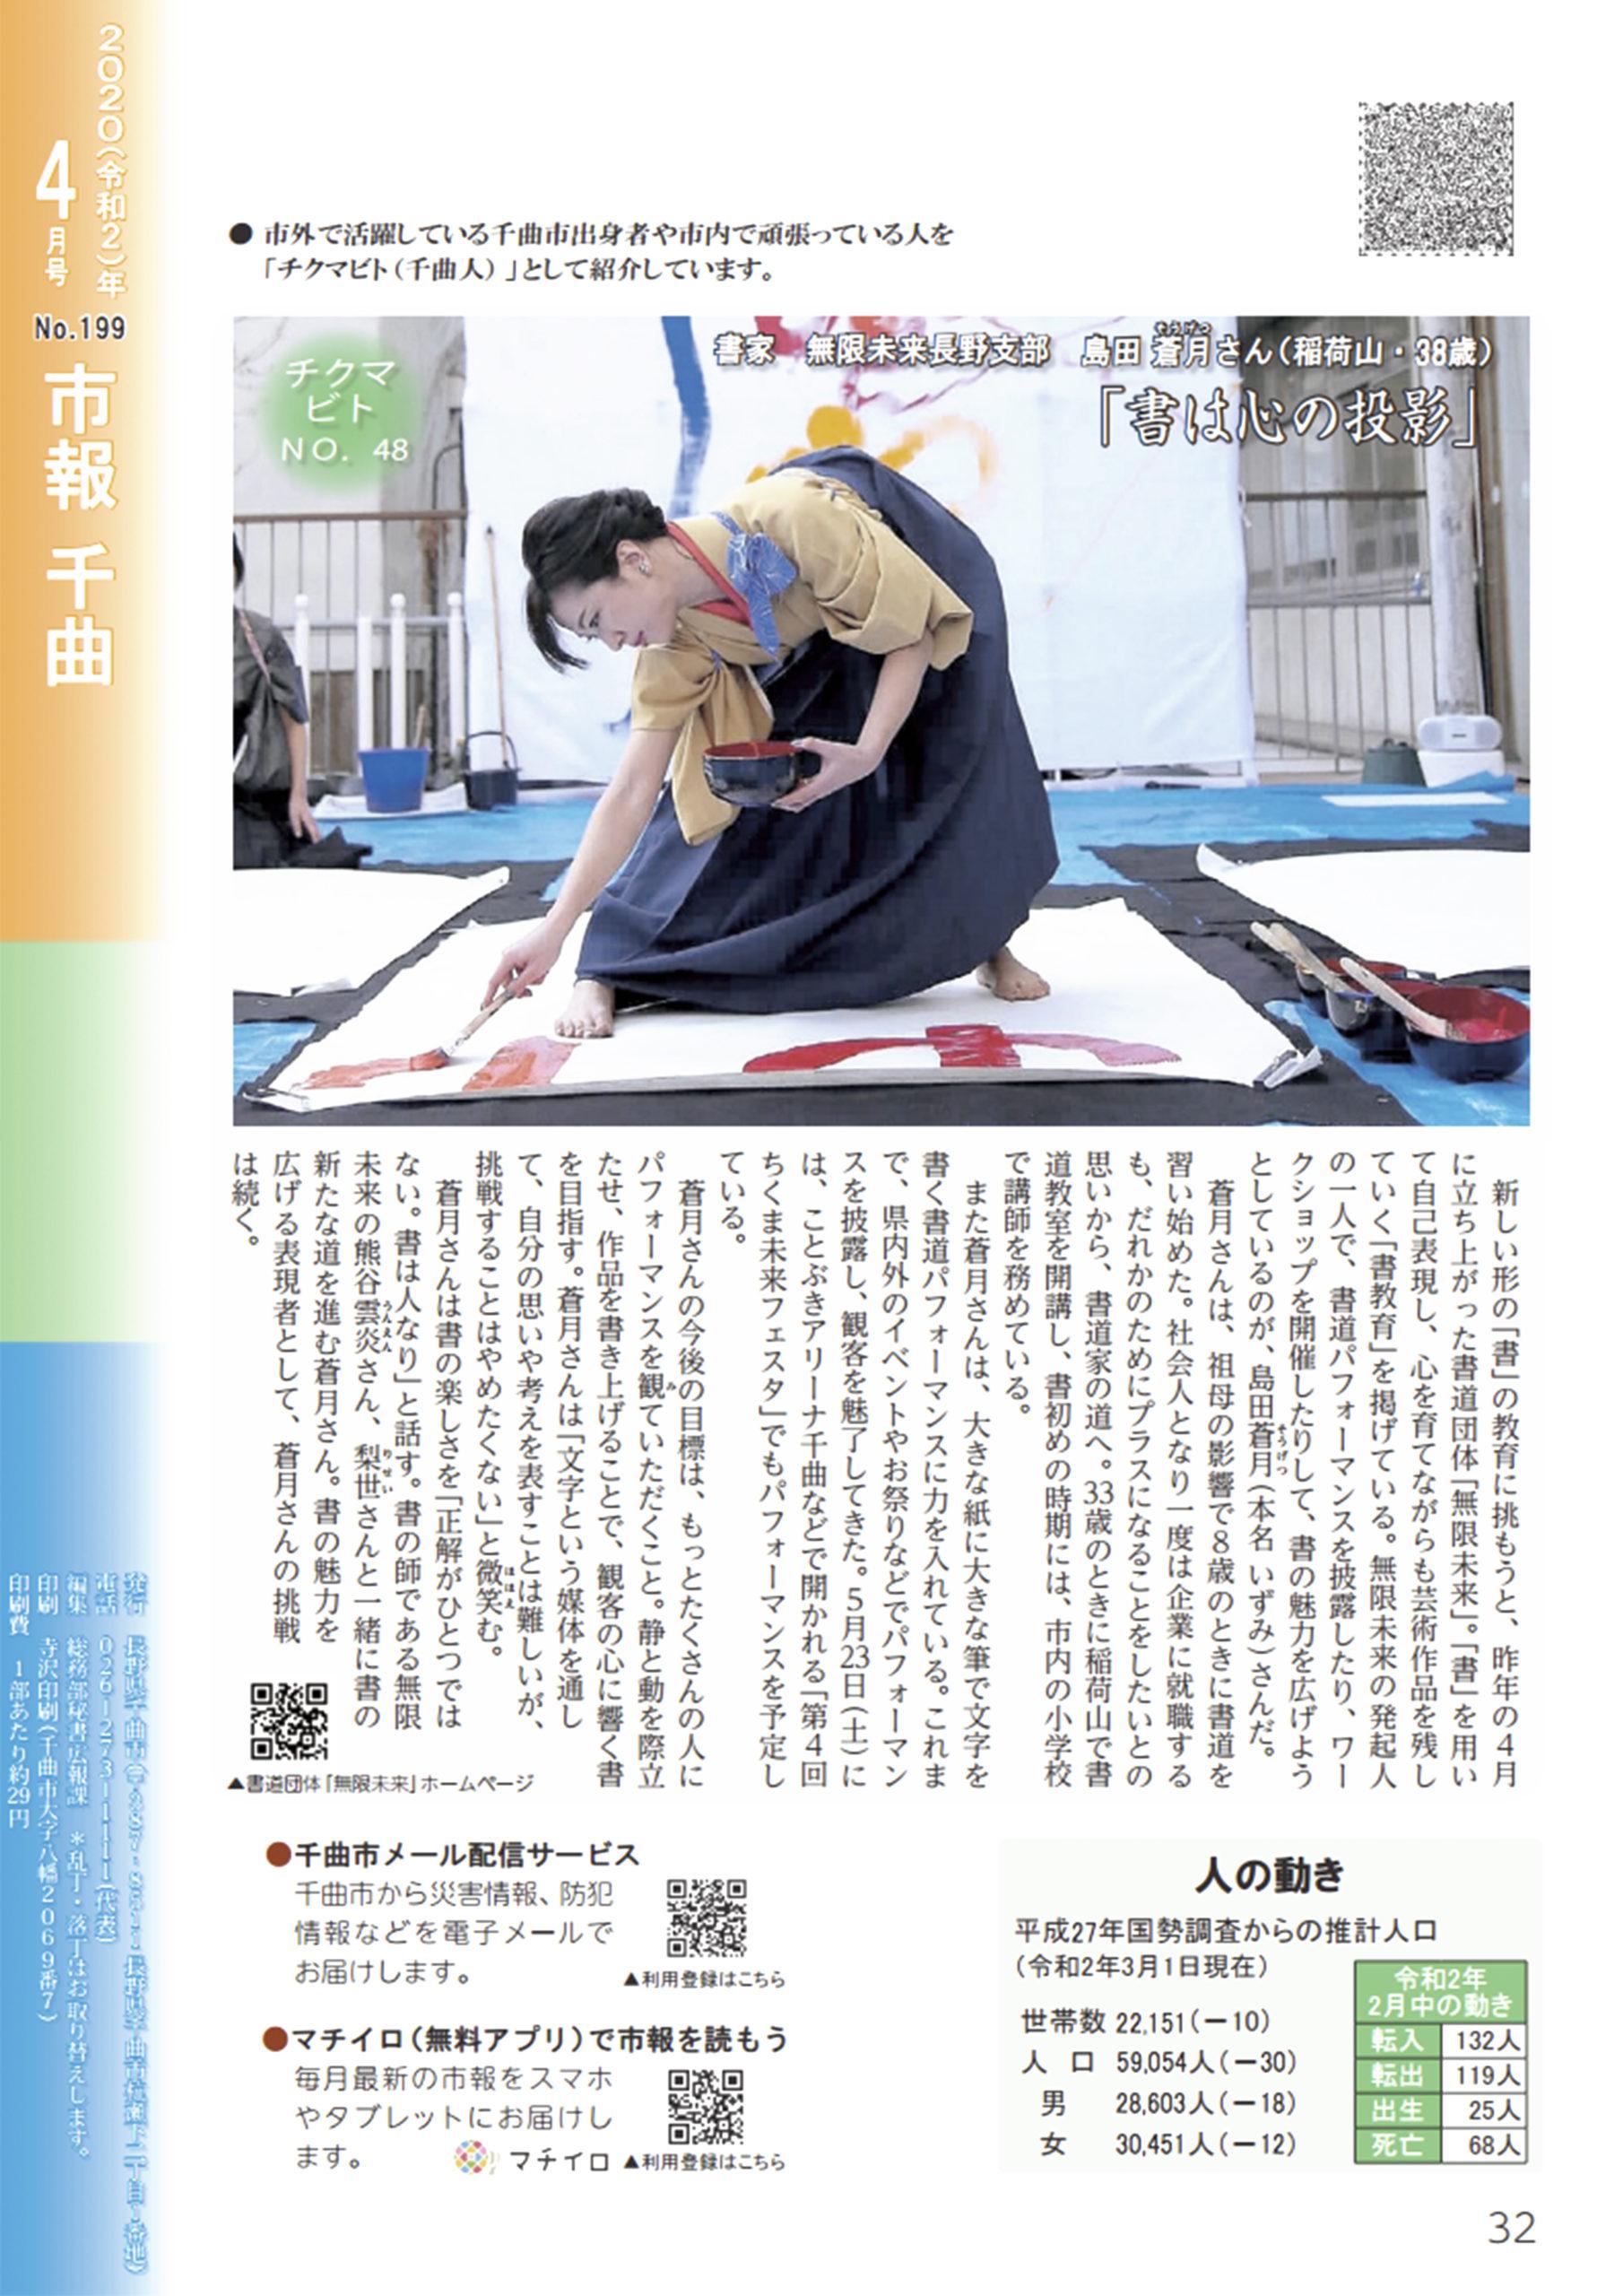 千曲市報「チクマビト」に島田蒼月が掲載されました。